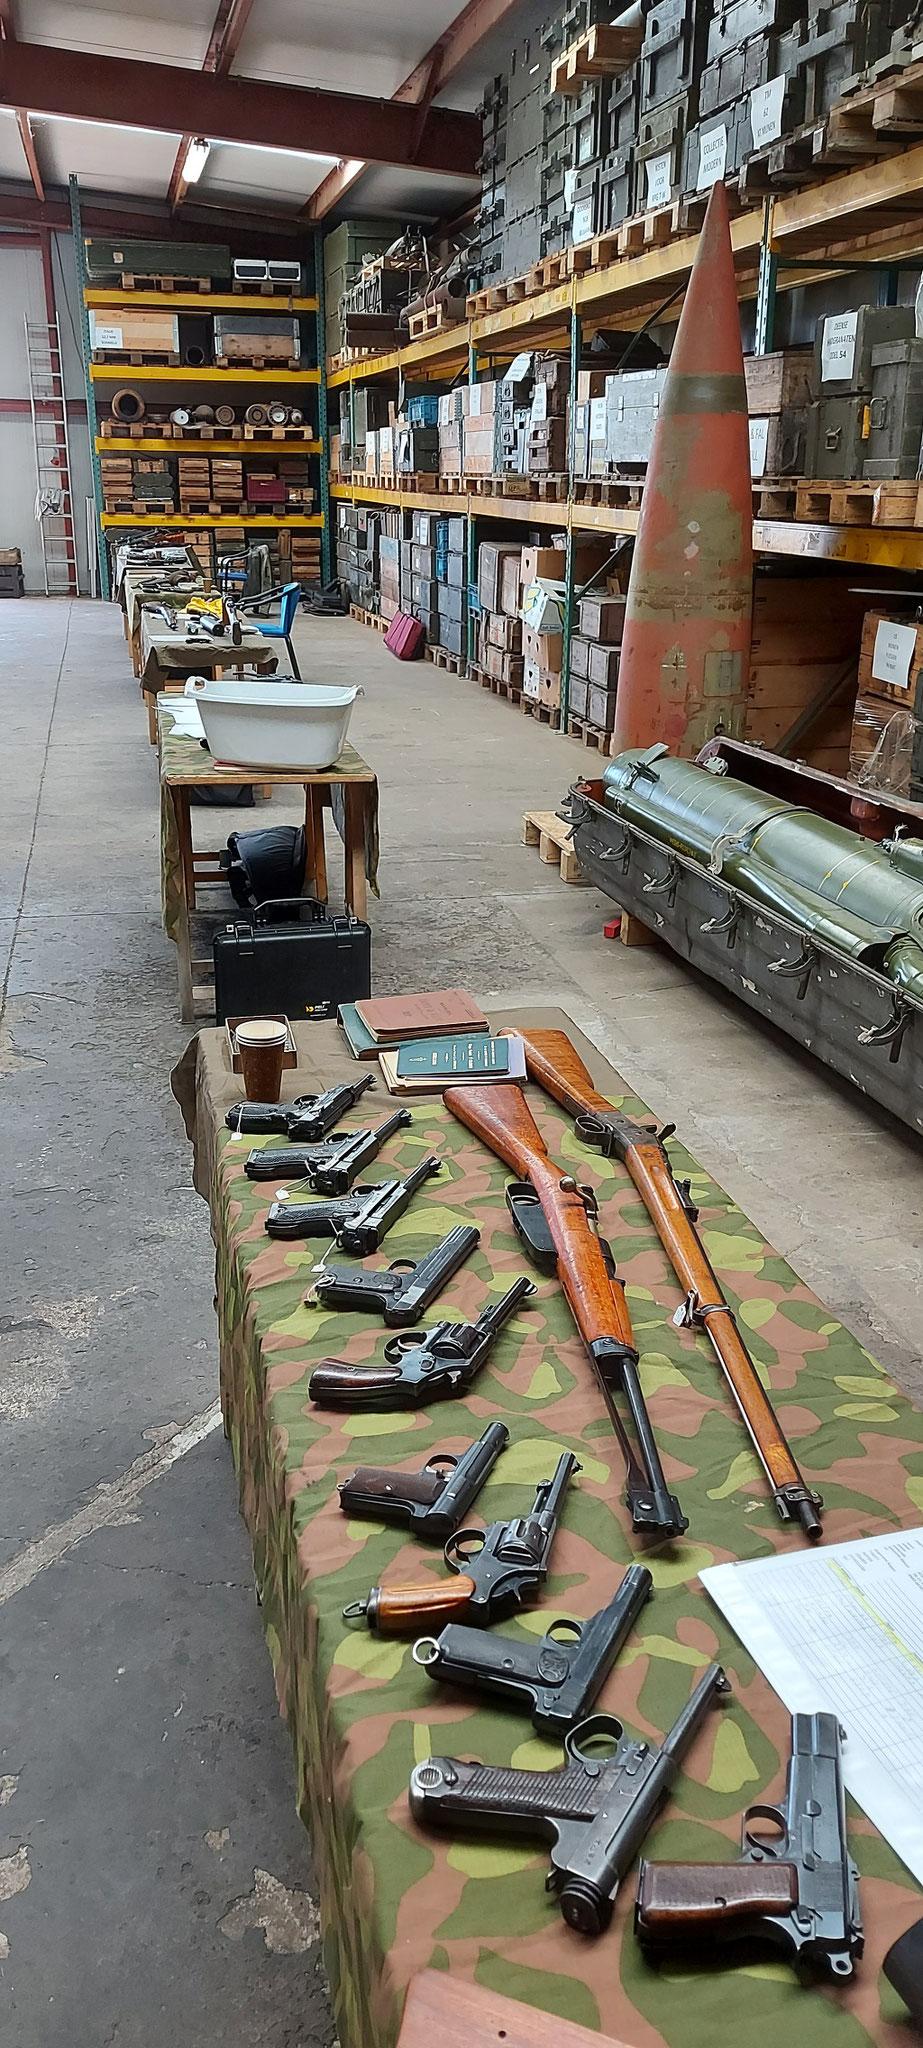 Tafels vol met vuistvuurwapens als oudere grendelgeweren. Ze maakte allemaal deel uit van de geschiedenis!